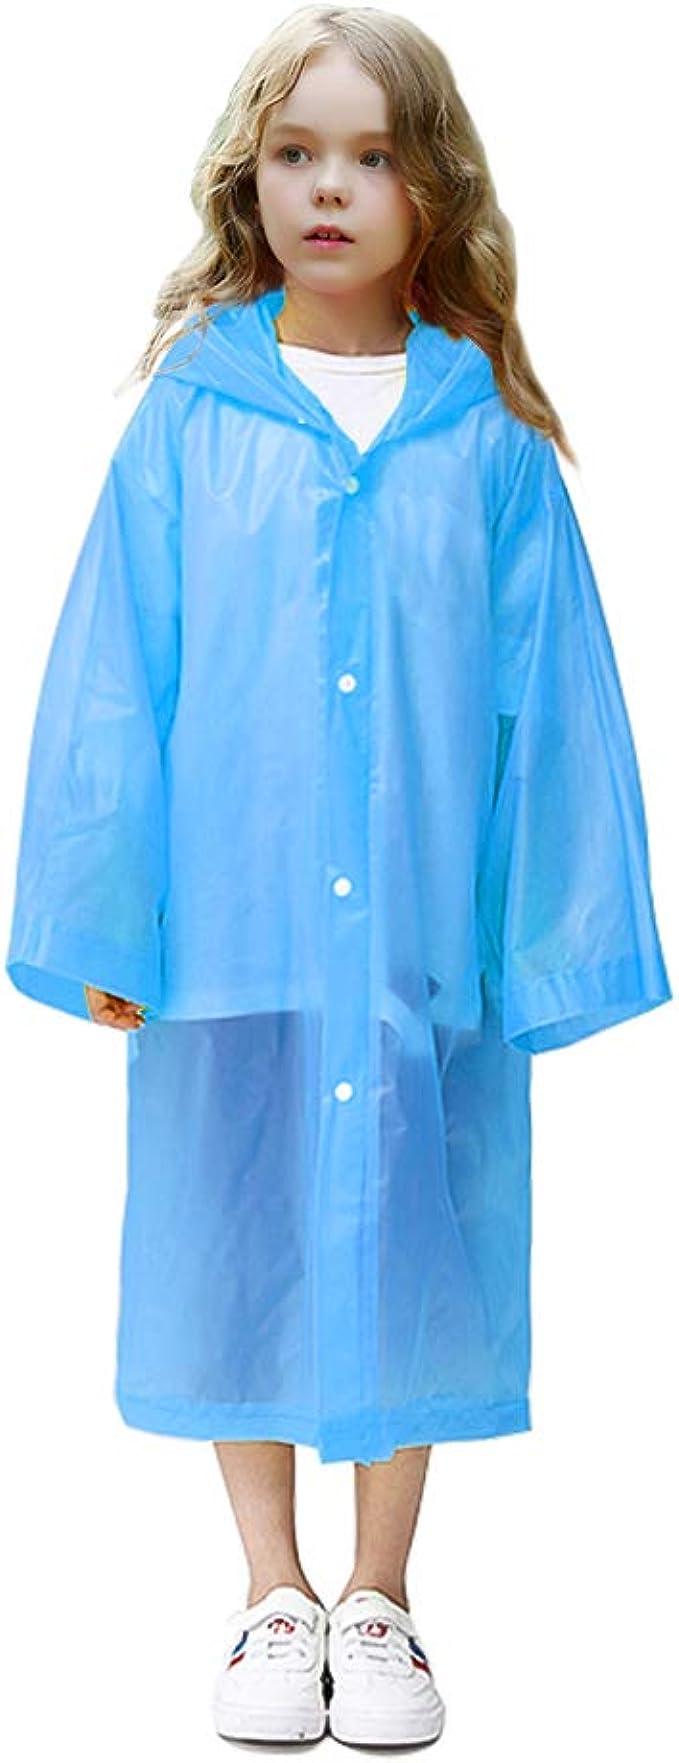 VCOSTORE Kids Rain Coat Clear Rain Poncho Wrinkle Free Hooded Rainwear for Boys Girls Age 3-12